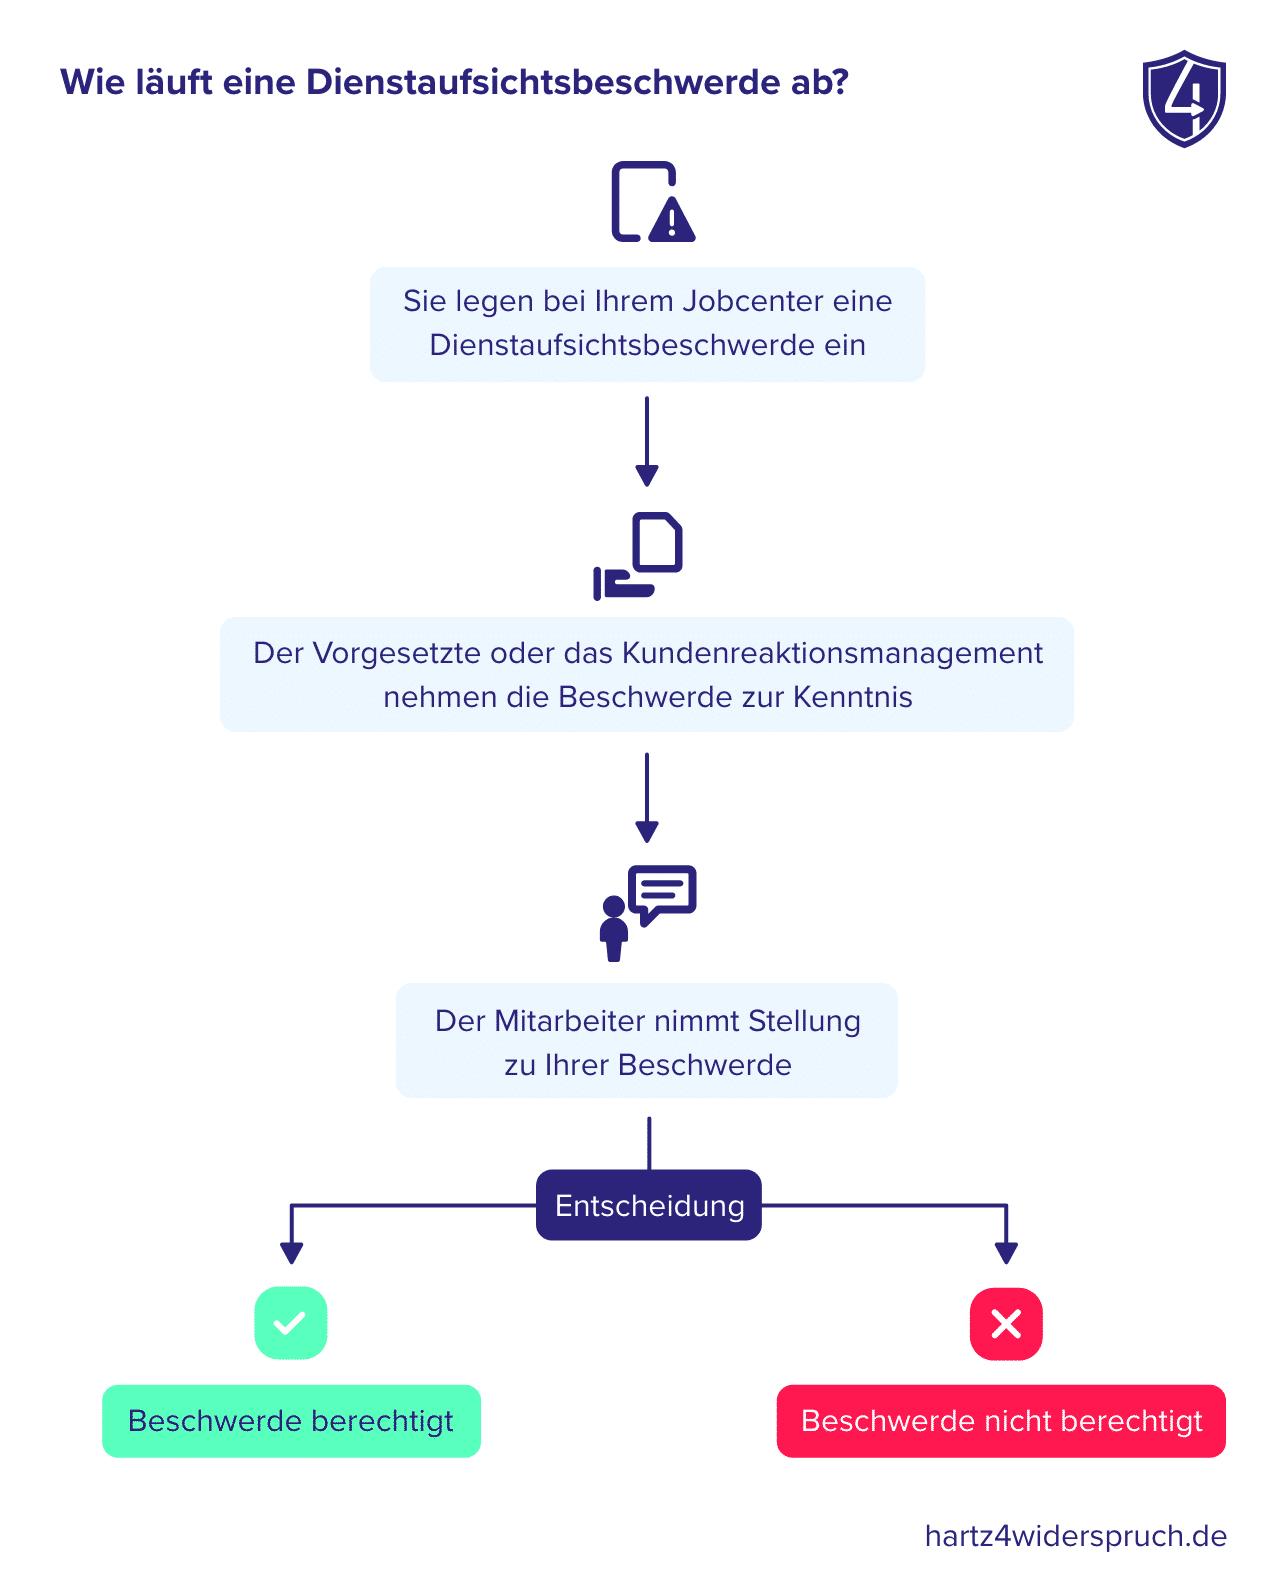 Wie läuft eine Dienstaufsichtsbeschwerde ab?